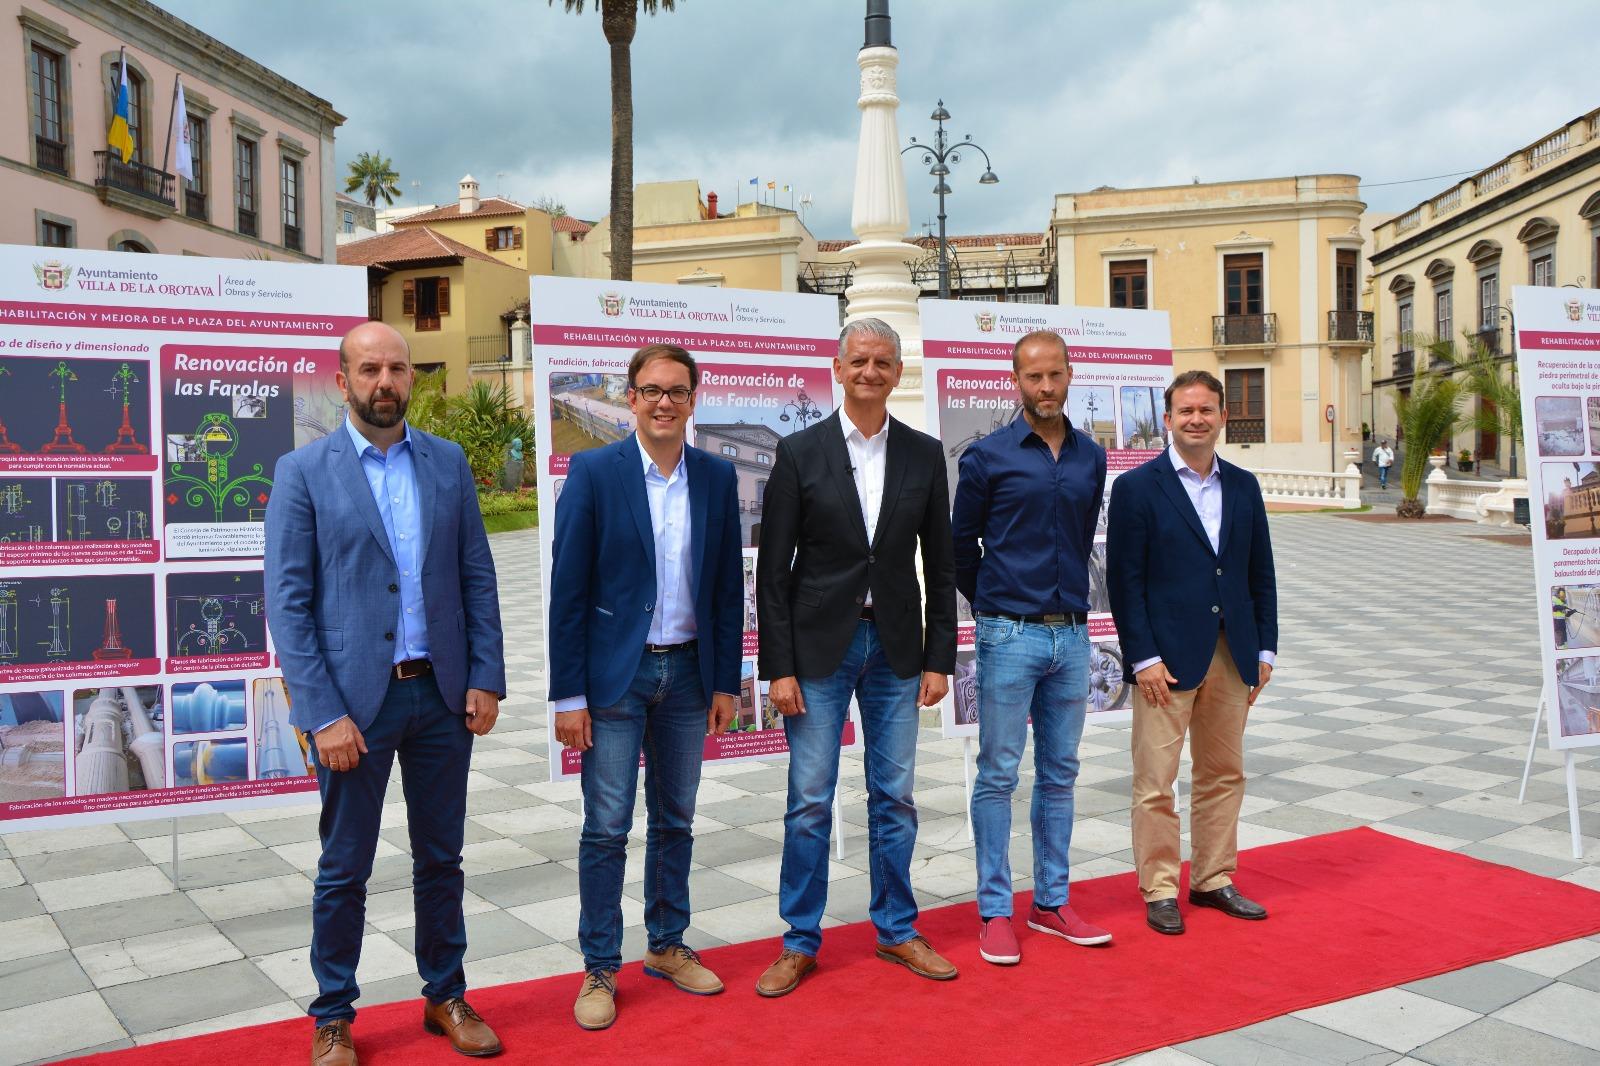 La Plaza del Ayuntamiento presenta una nueva imagen tras un proceso de rehabilitación